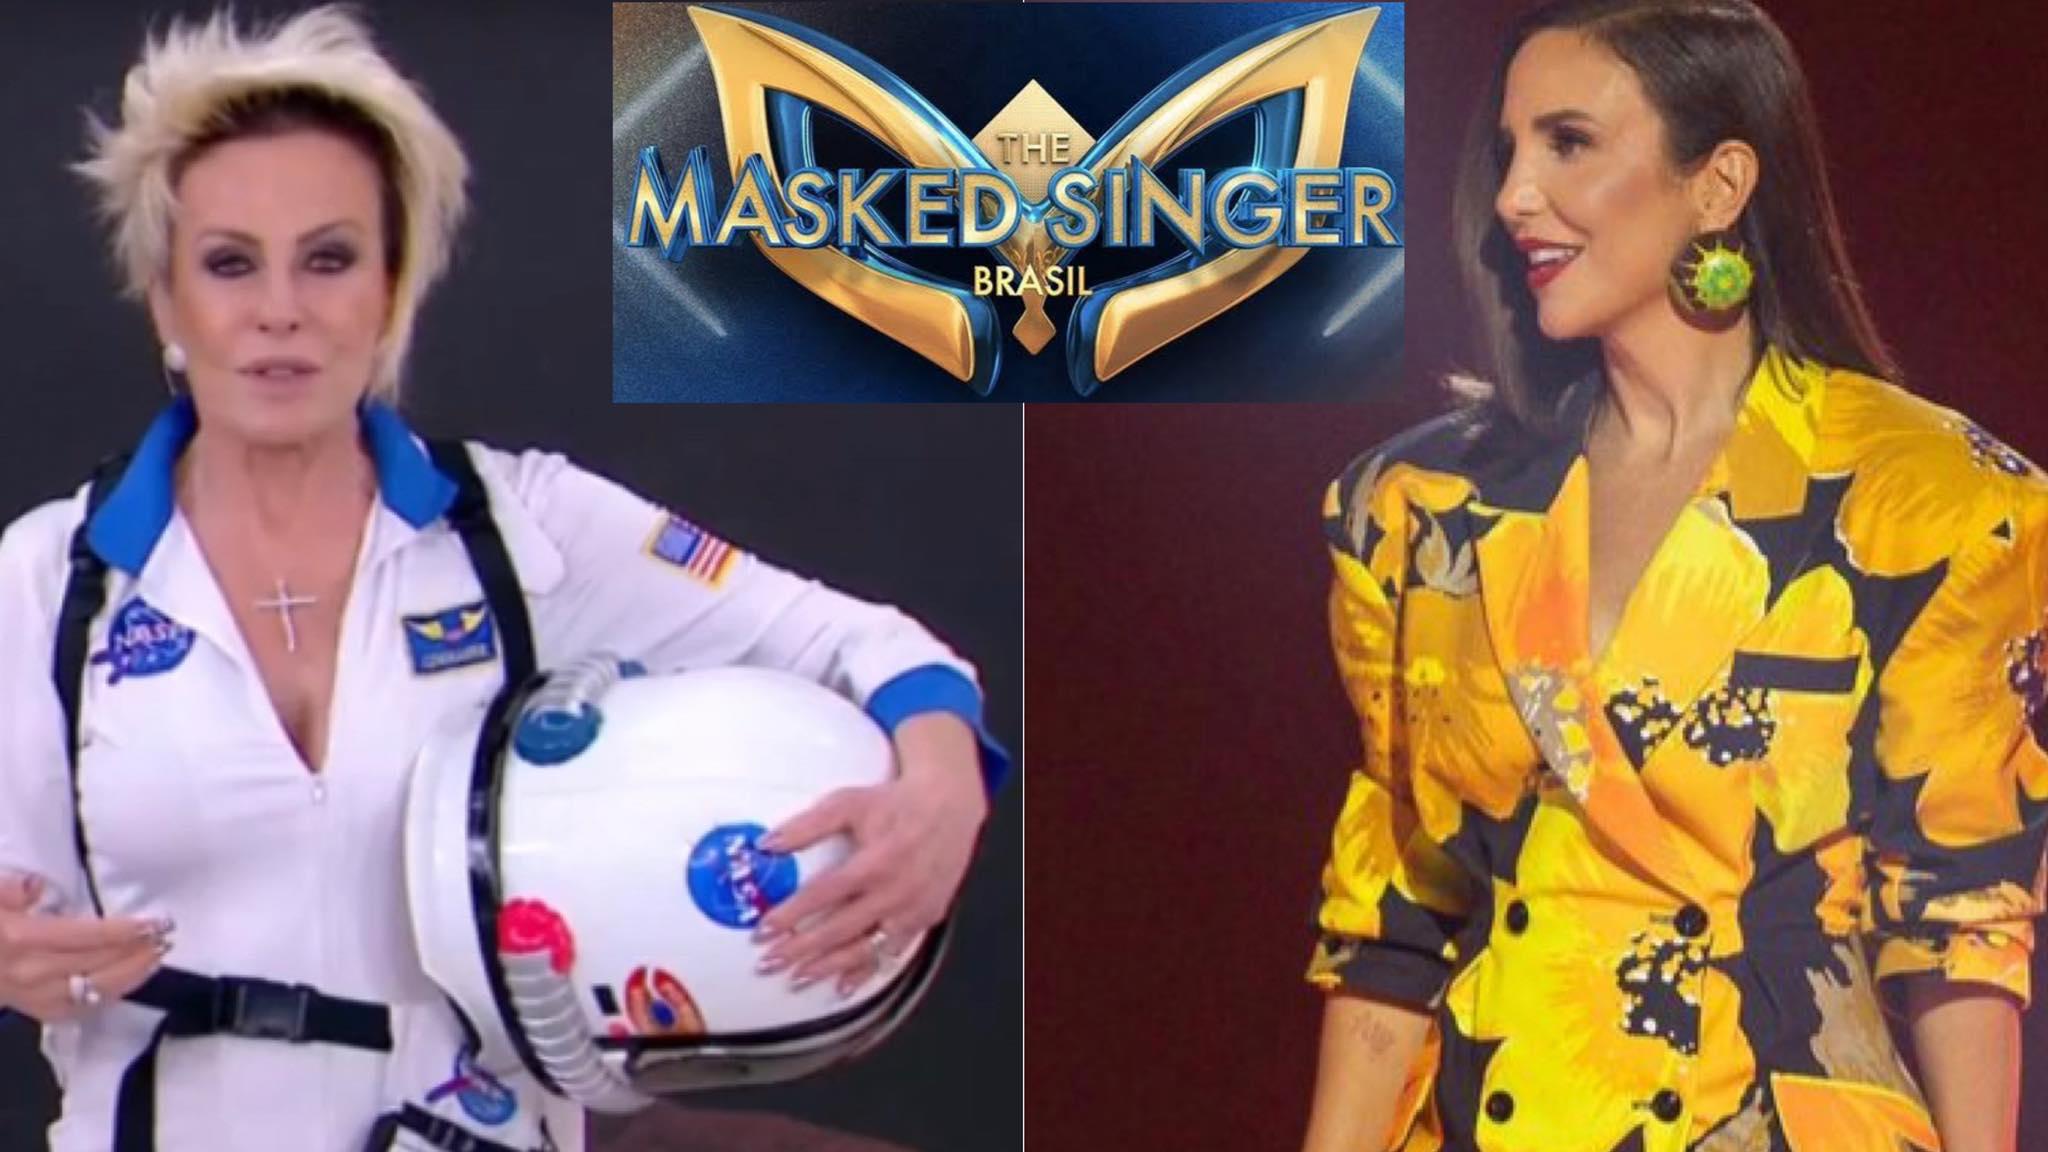 Ana Maria Braga foi convidada para participar do The Masked Singer Brasil, com Ivete Sangalo. Fonte: Montagem/ Fashion Bubbles